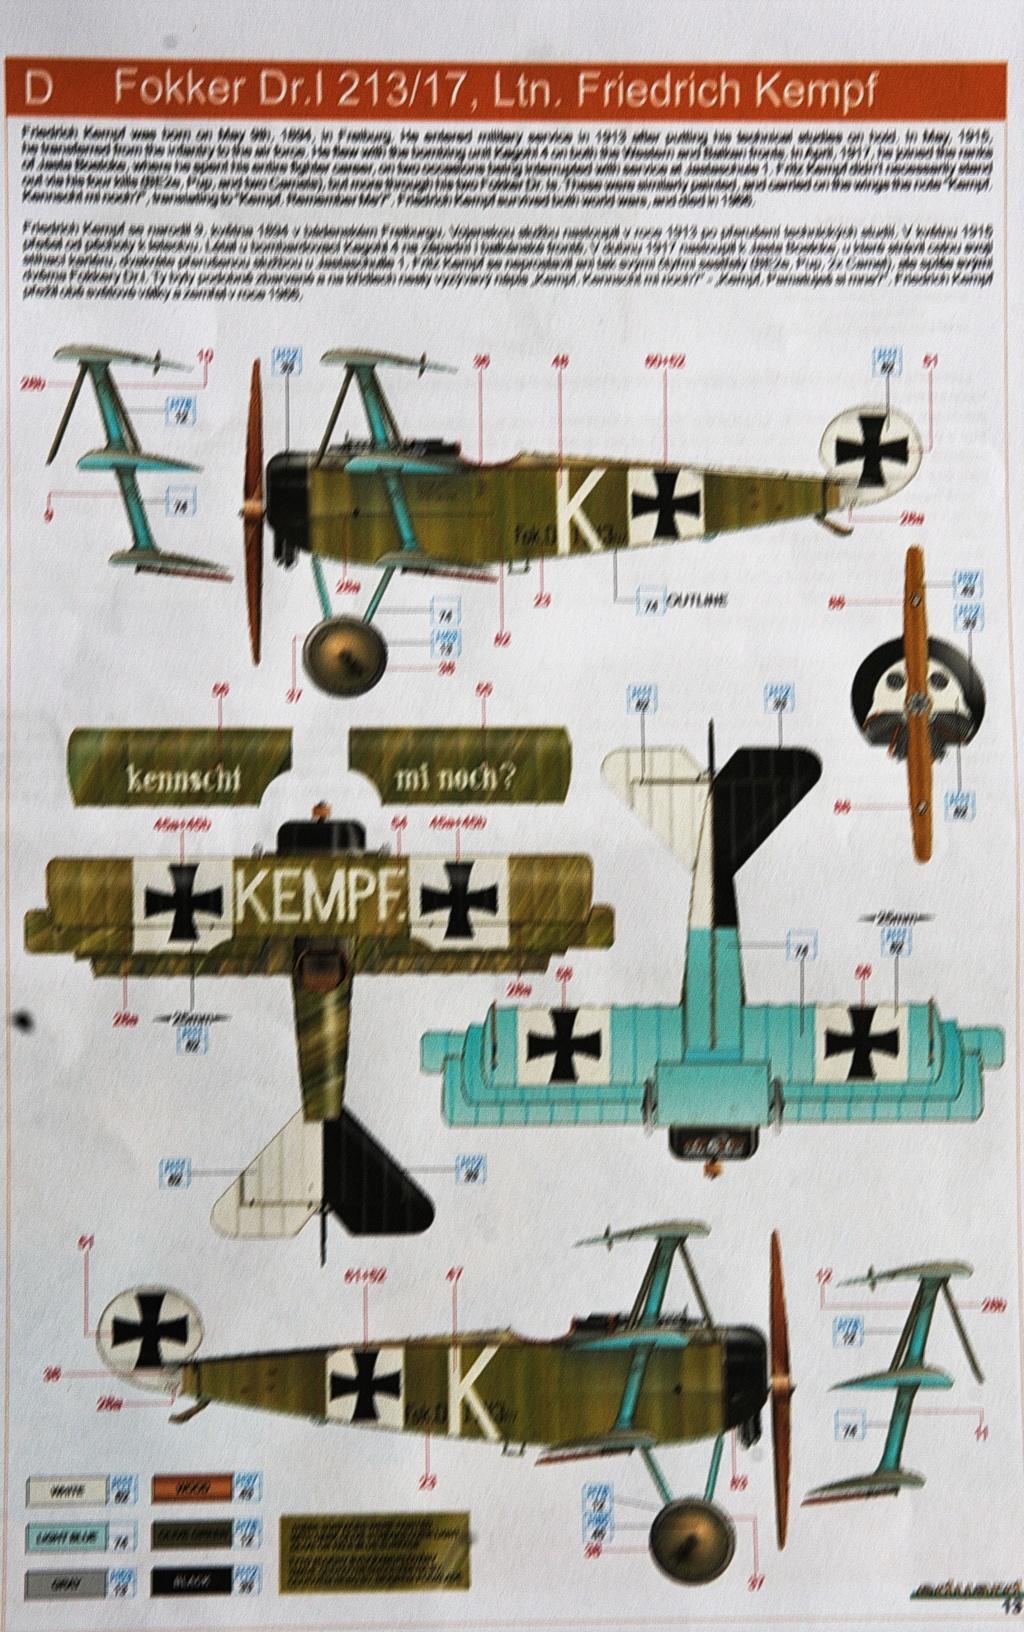 [Eduard] 1/48  Fokker DR. 1  Imgp9282